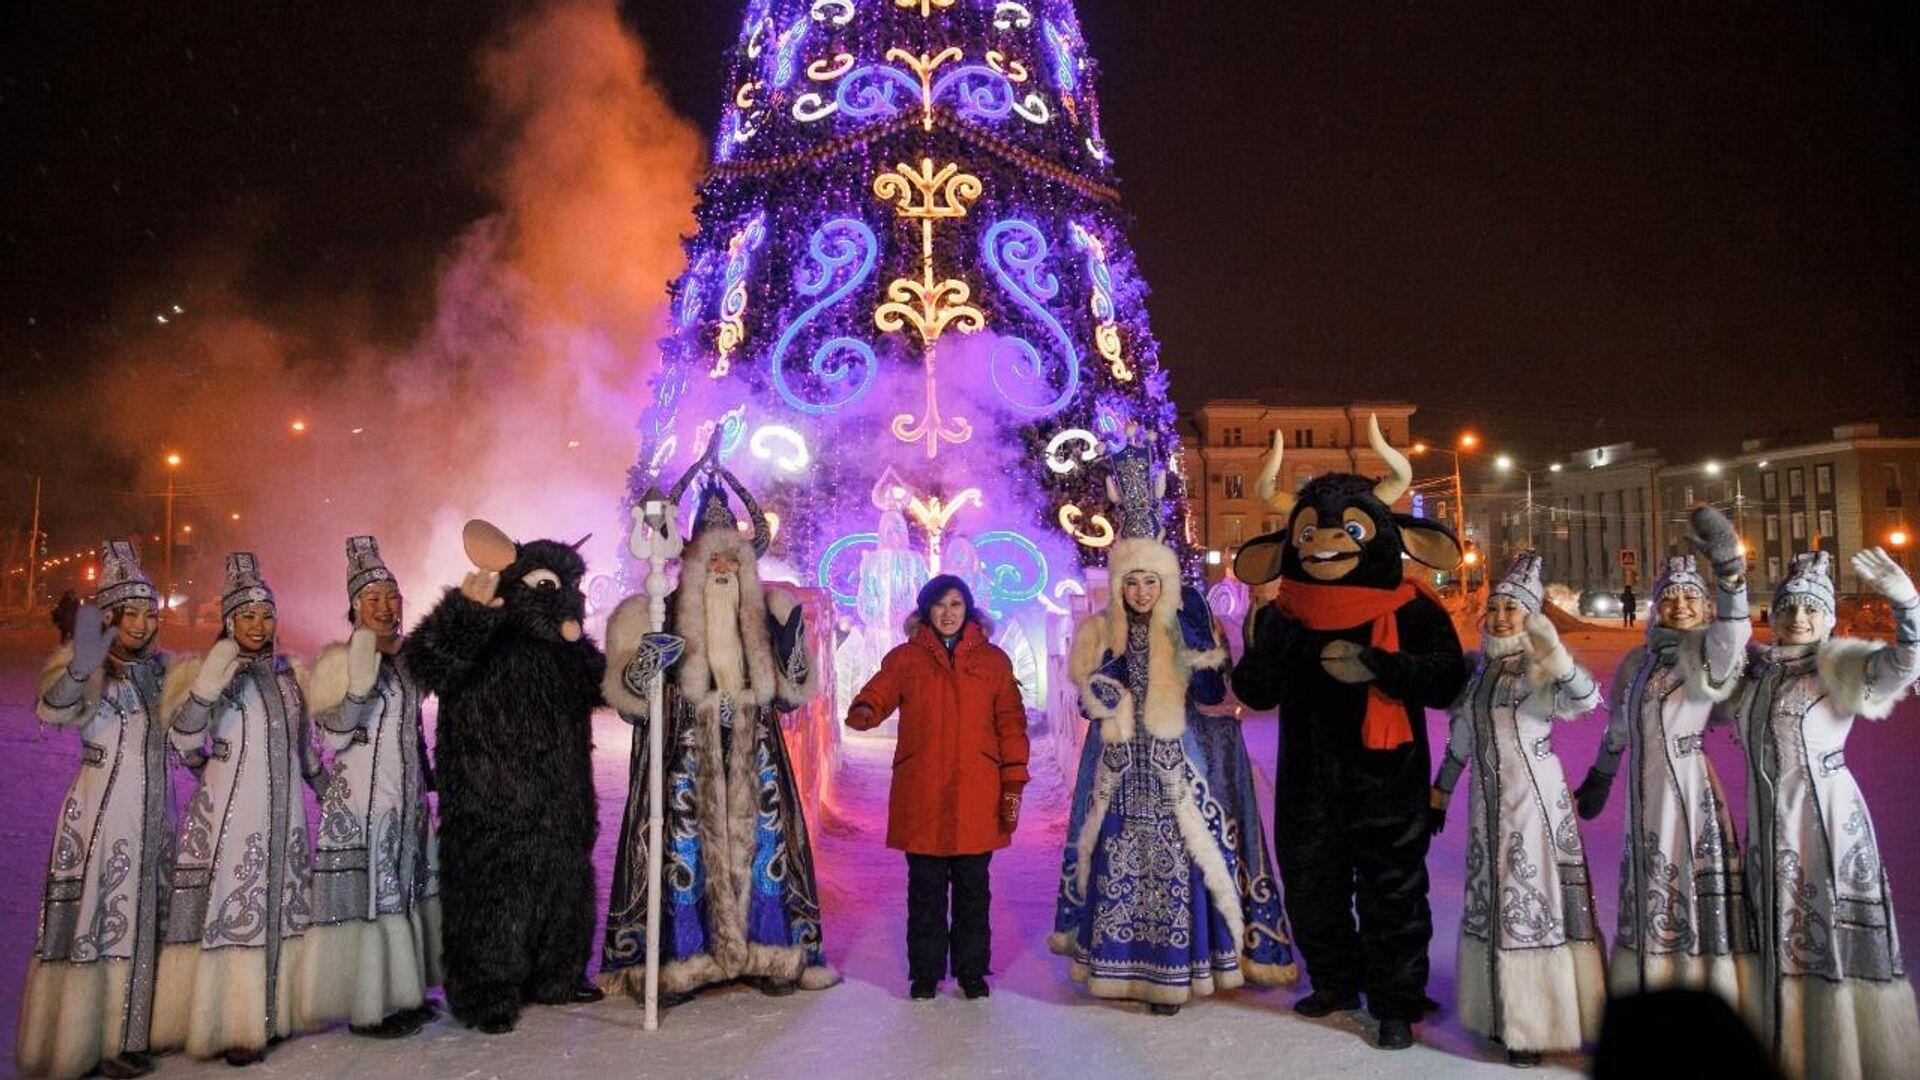 Торжественная церемония зажжения ёлки на площади Орджоникидзе в Якутске - РИА Новости, 1920, 01.12.2020